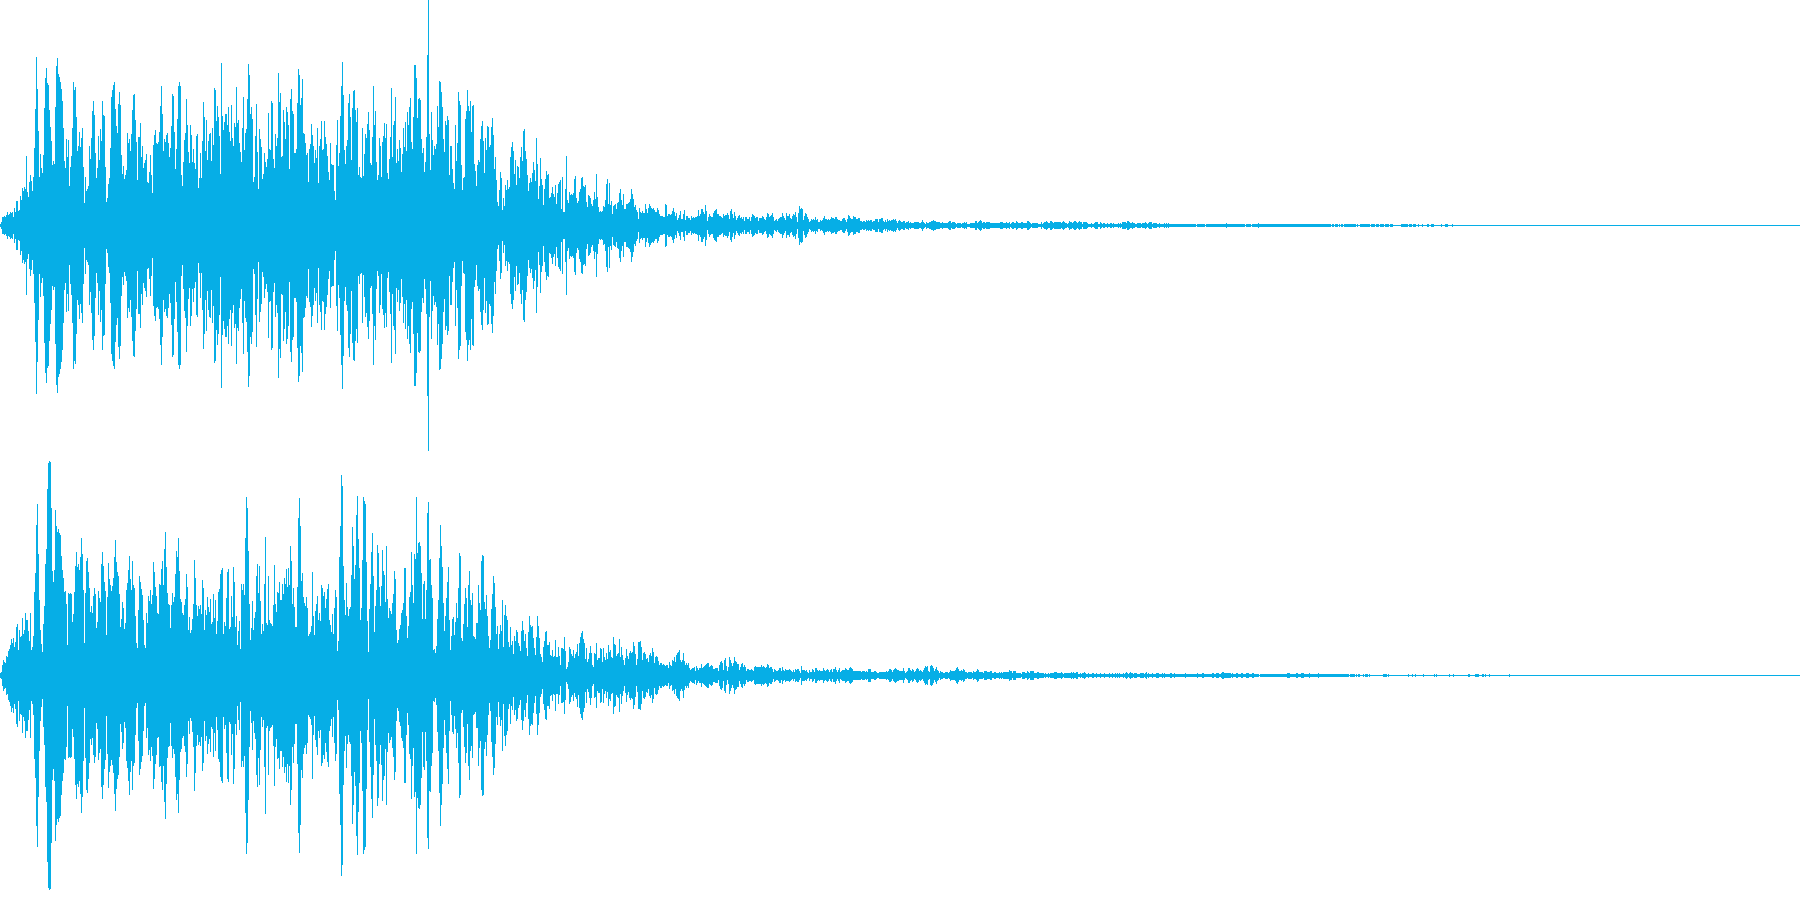 吹きすさぶ風・竜巻系の魔法(低2)sの再生済みの波形